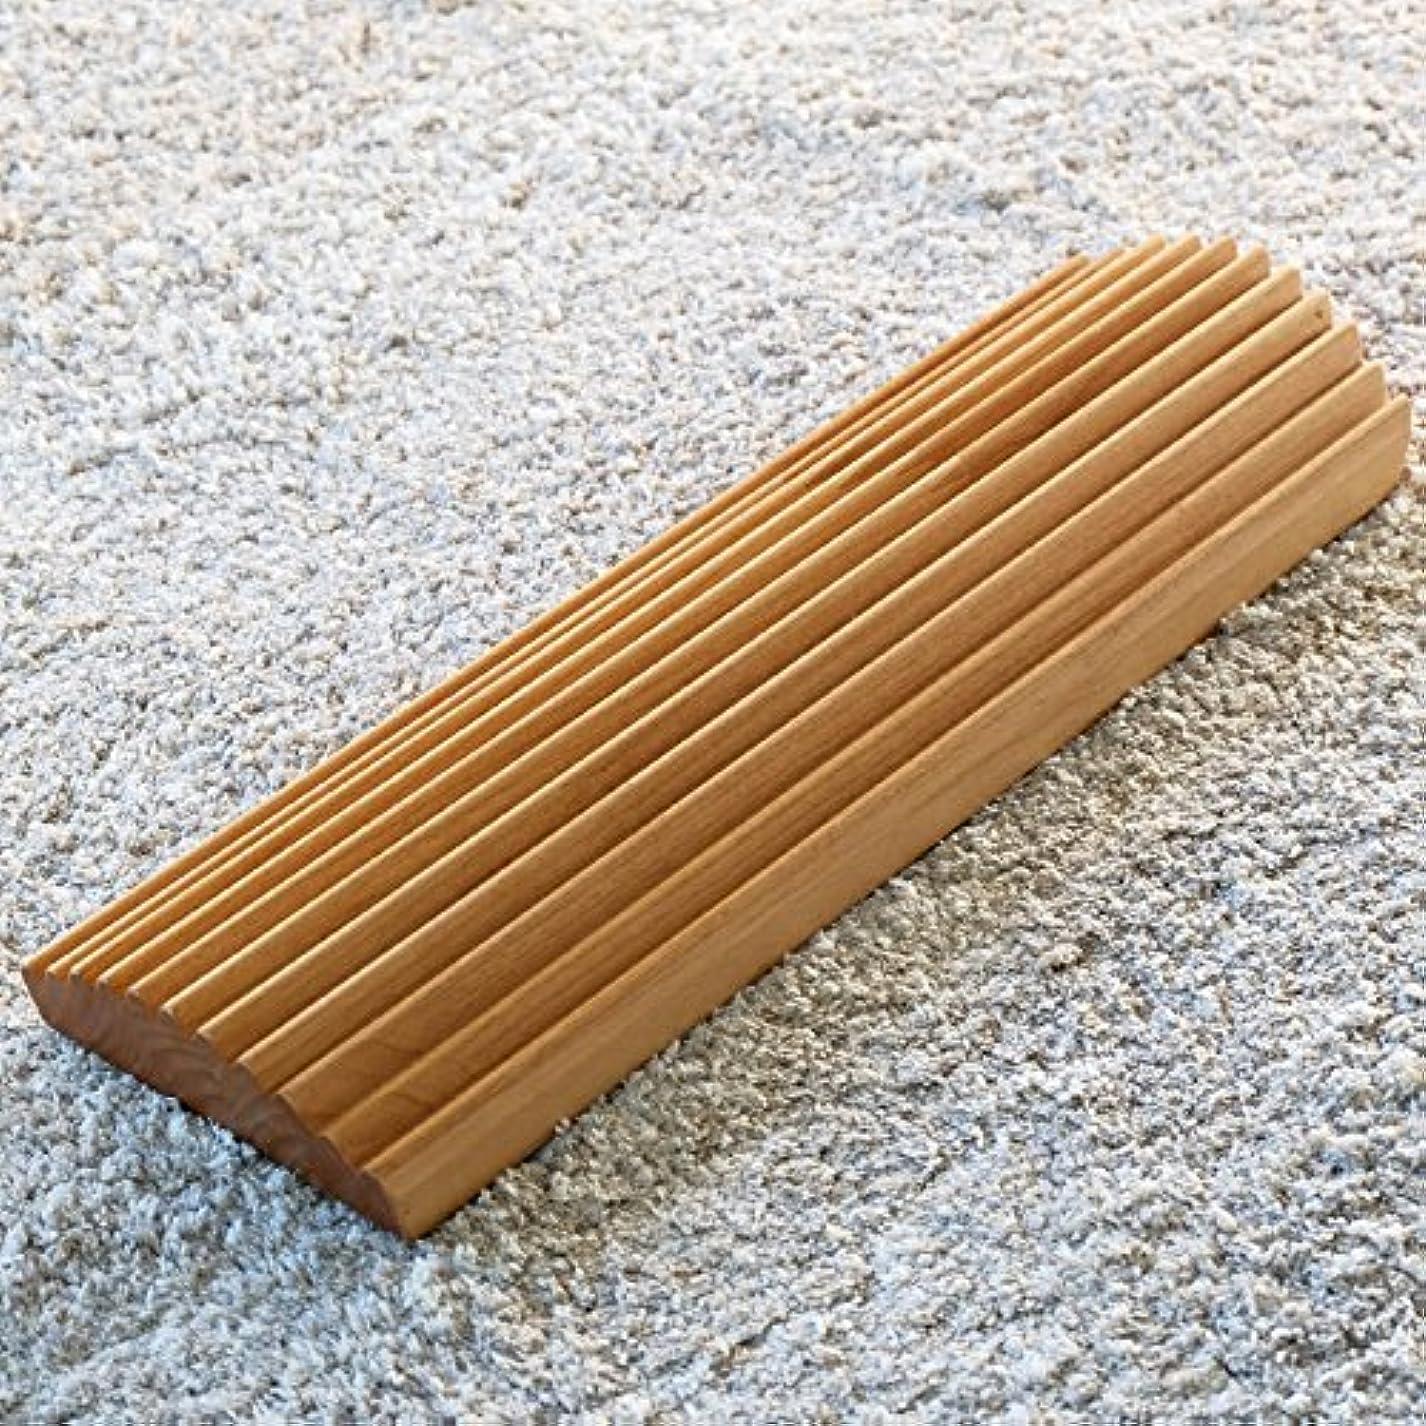 正規化無関心ブートISSEIKI 足踏み アルダー材 幅40cm FIT ASIFUMI 40 (NA) フットケア 木製 おしゃれ プレゼント 指圧代用 FIT ASIFUMI 40 (AL-NA)